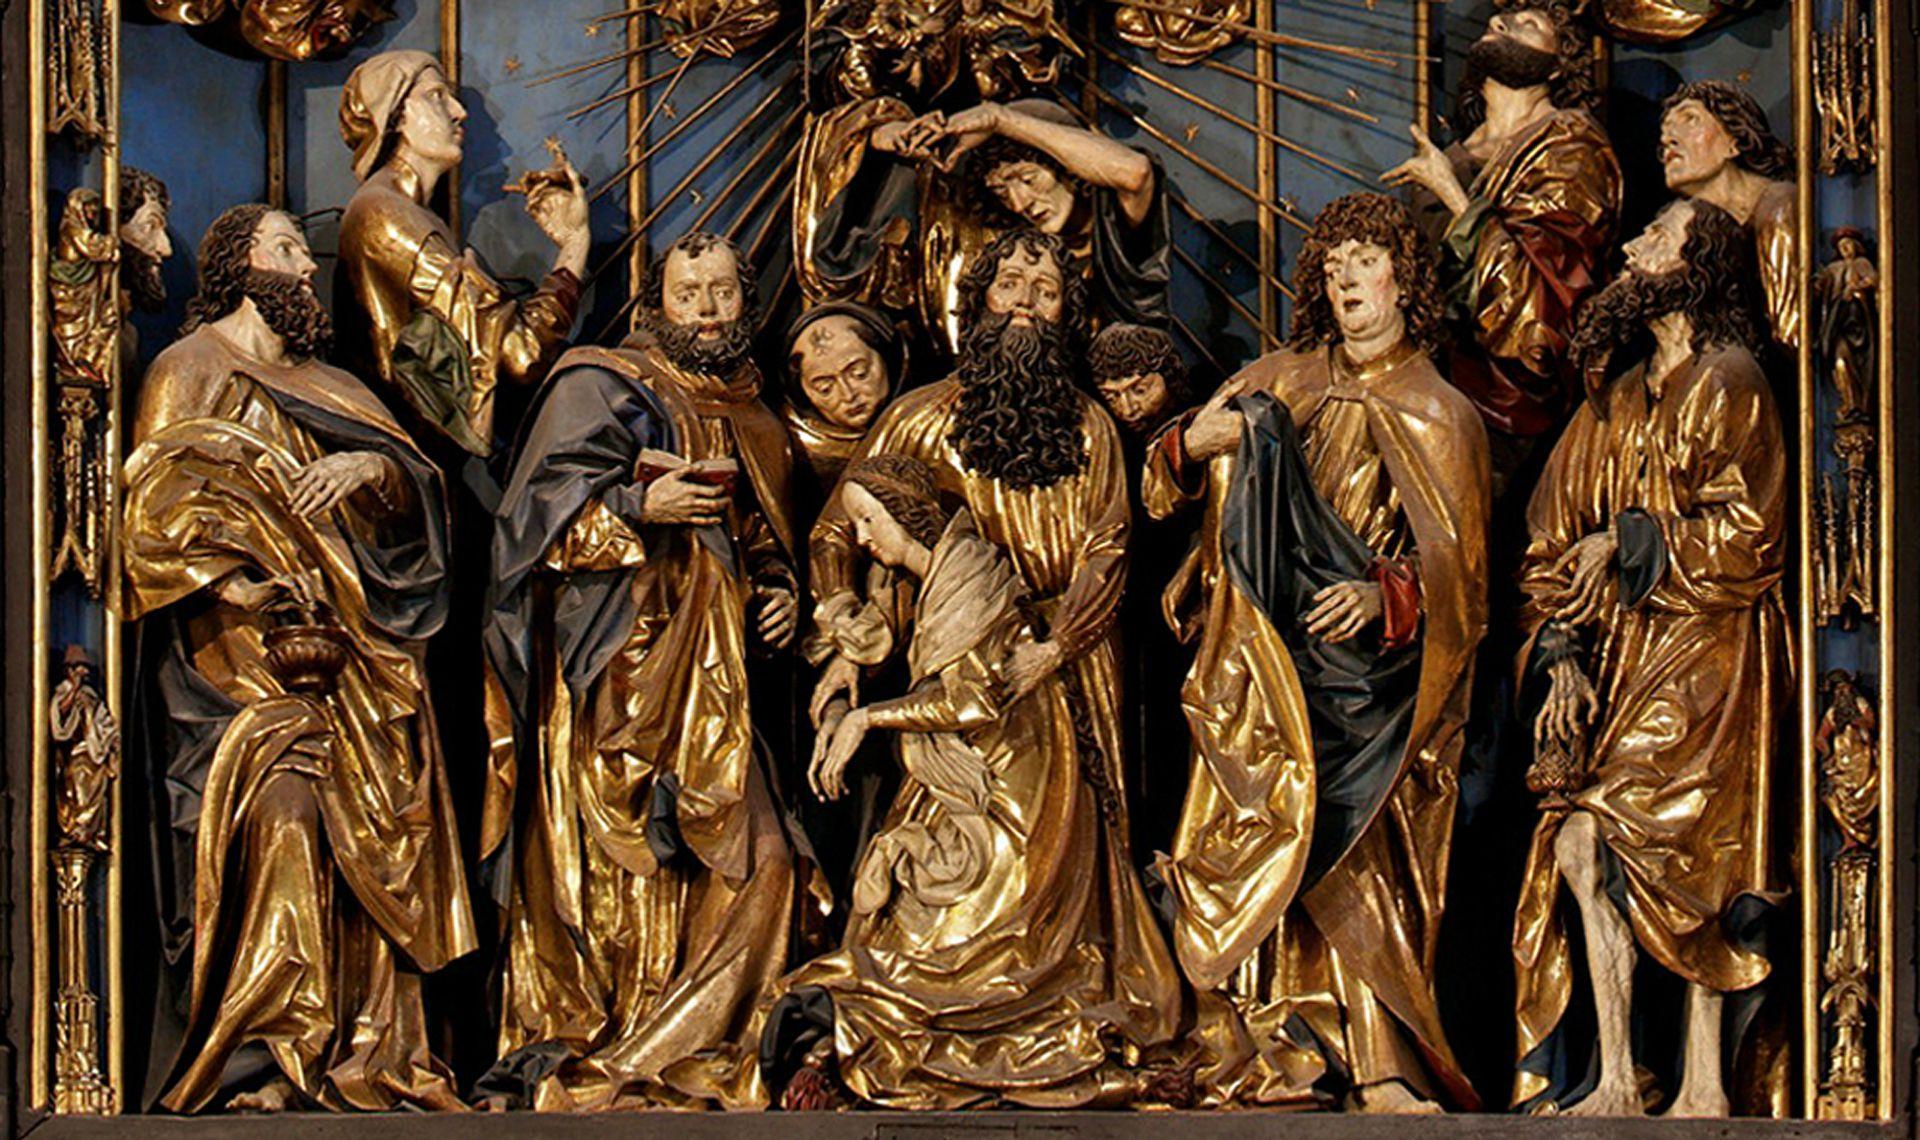 Marienaltar Schrein mit Entschlafung Marias im Apostelkreis